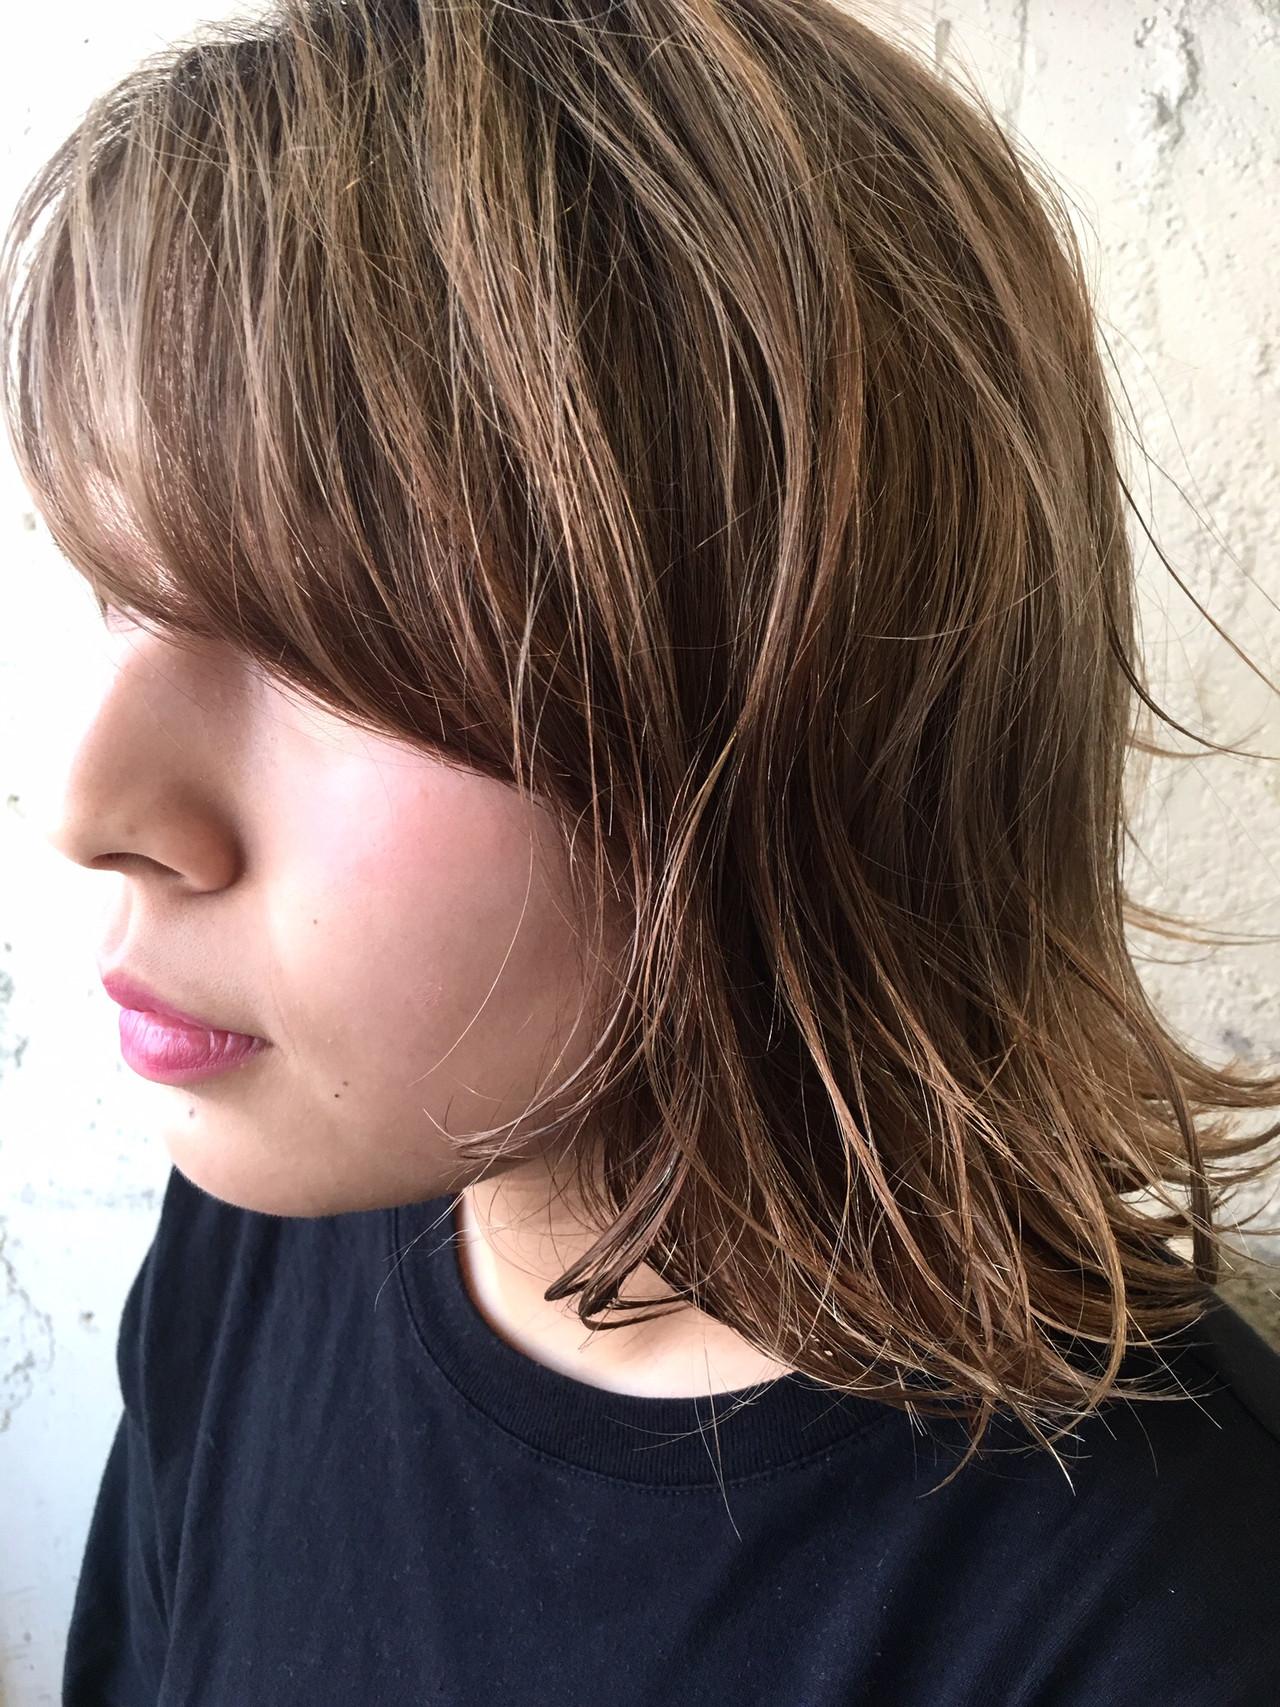 アンニュイほつれヘア ボブ パーマ アウトドア ヘアスタイルや髪型の写真・画像